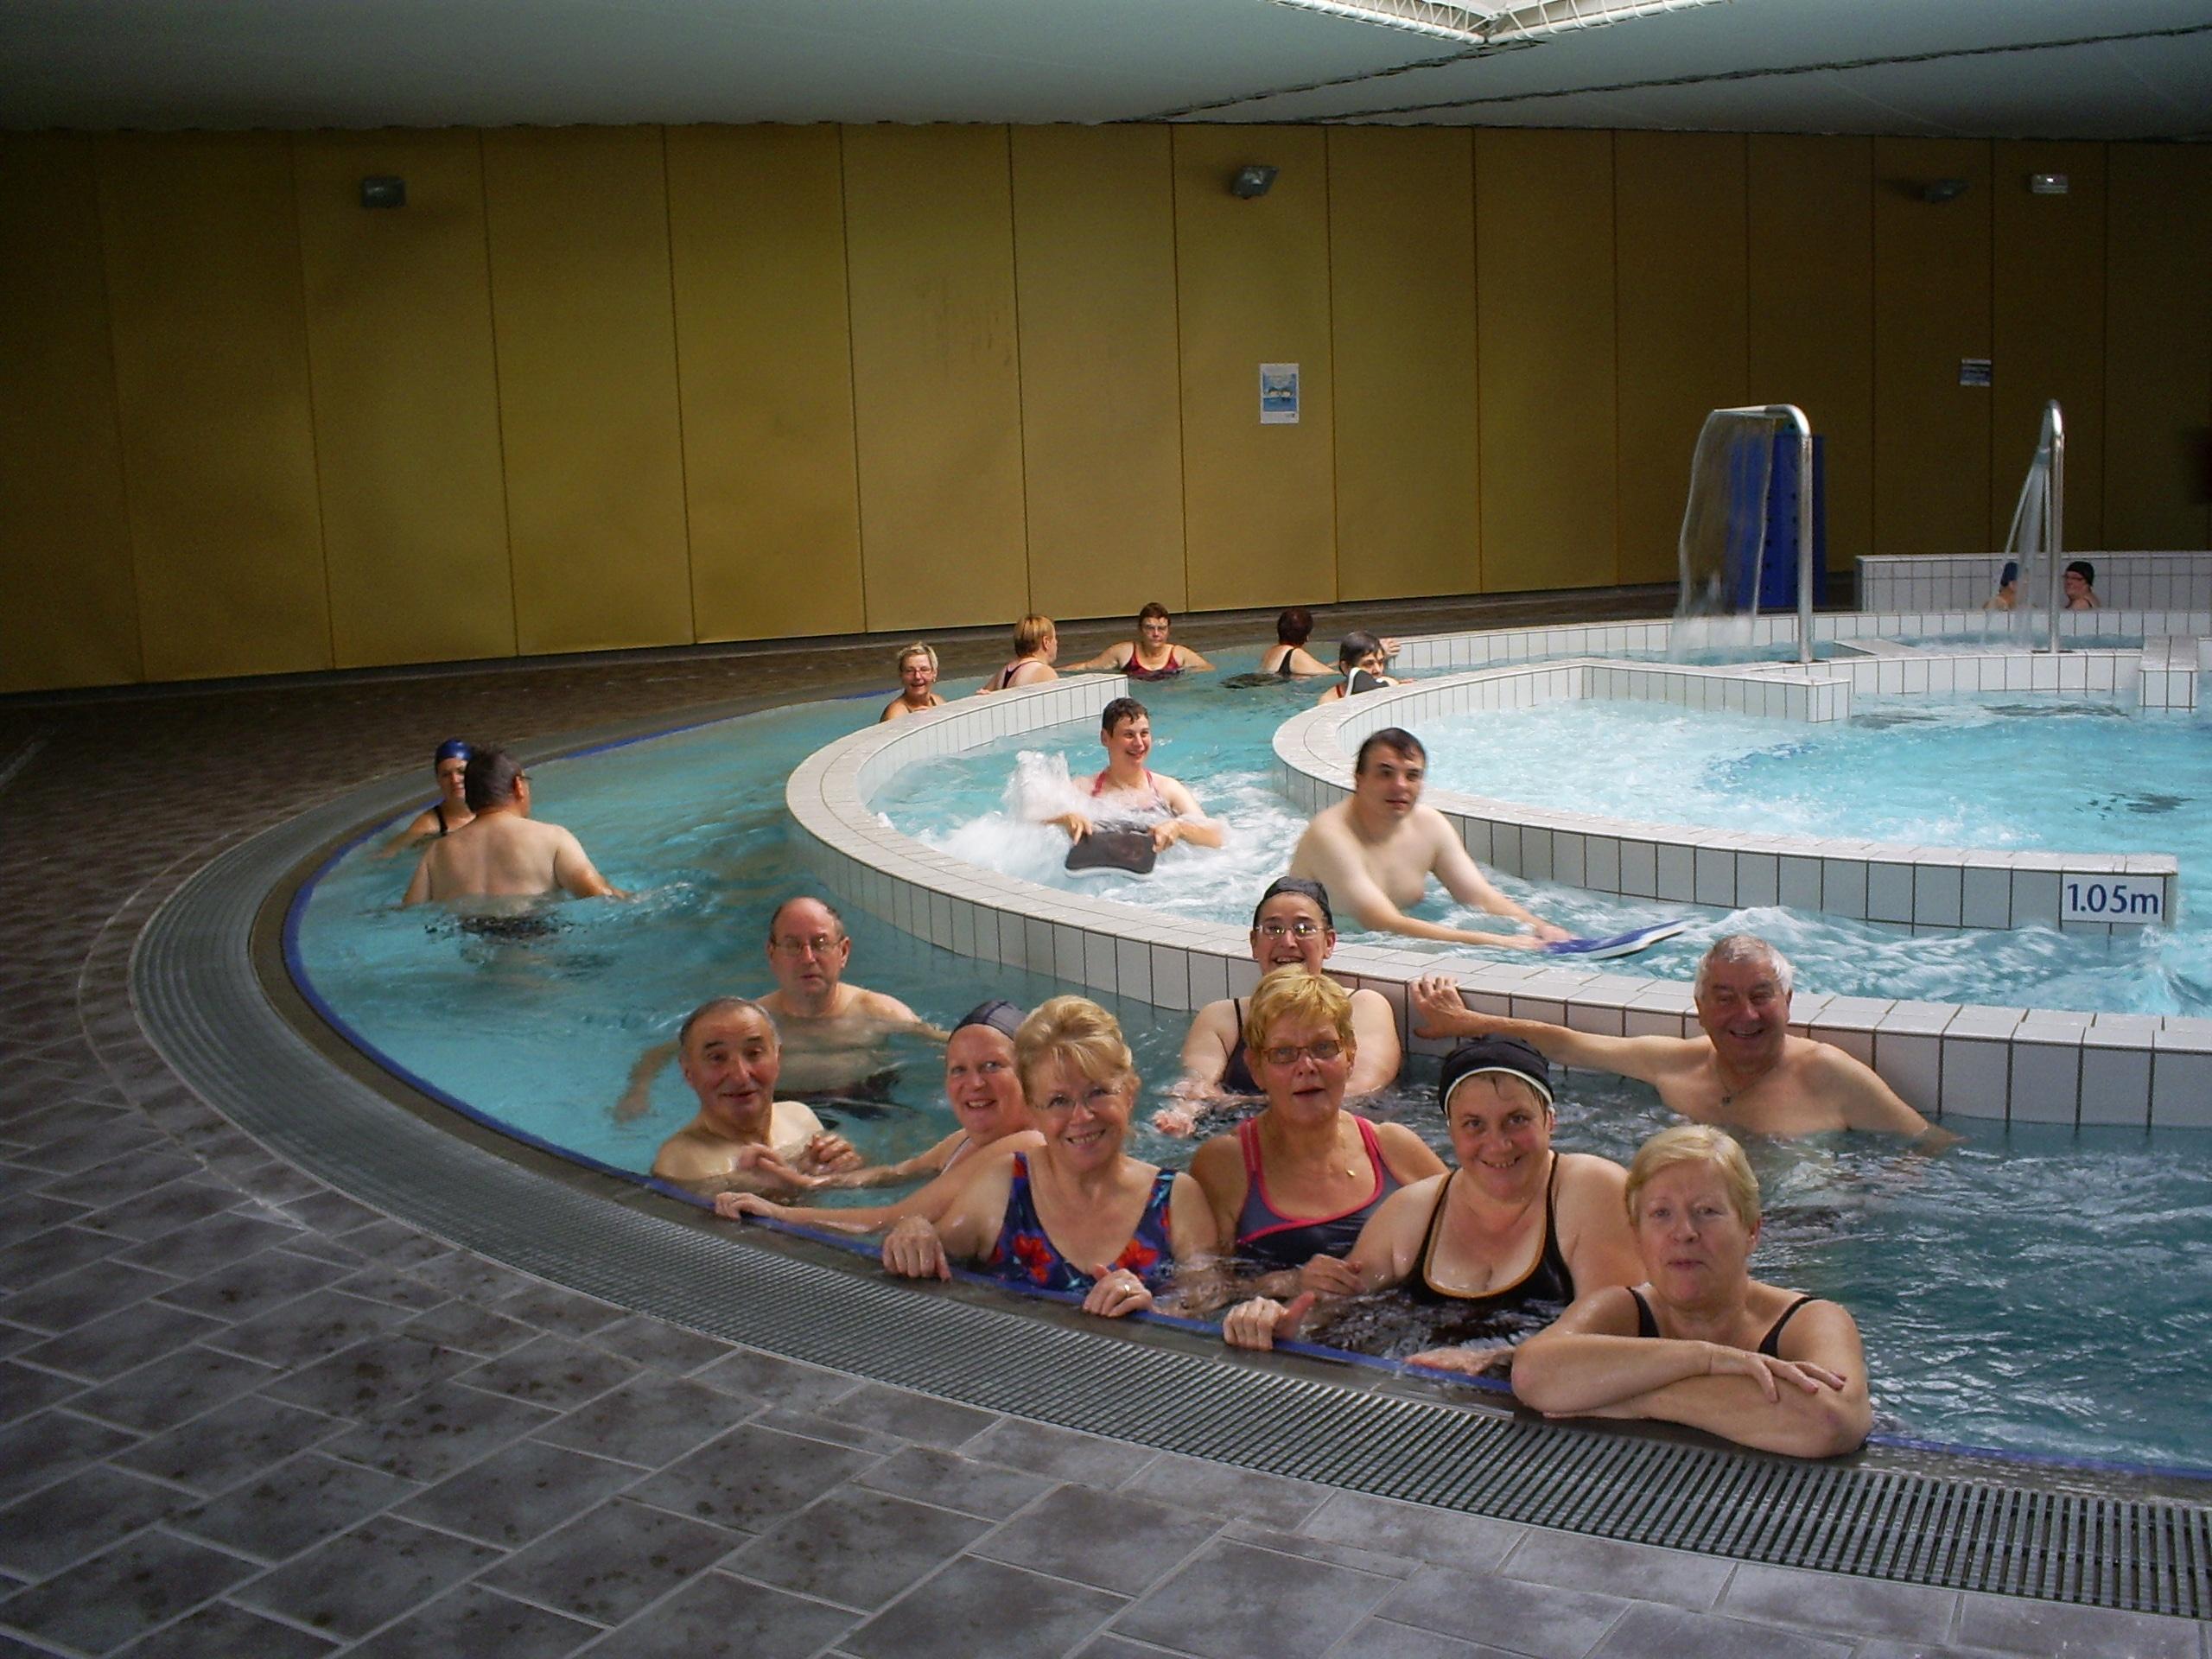 Horaire piscine de bethune - Piscine lorient horaire ...